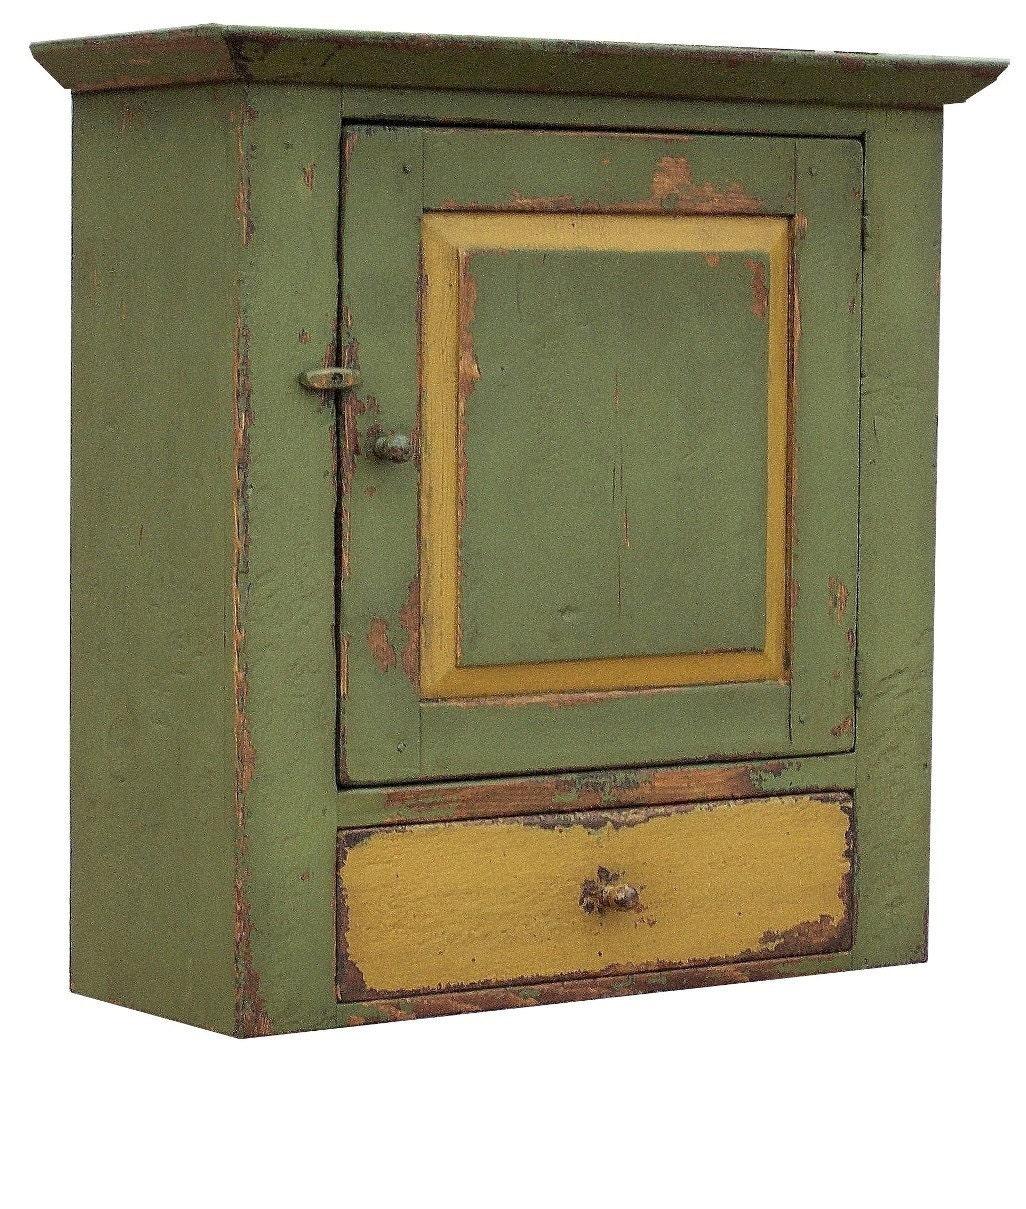 Primitive Cabinet Painting Techniques